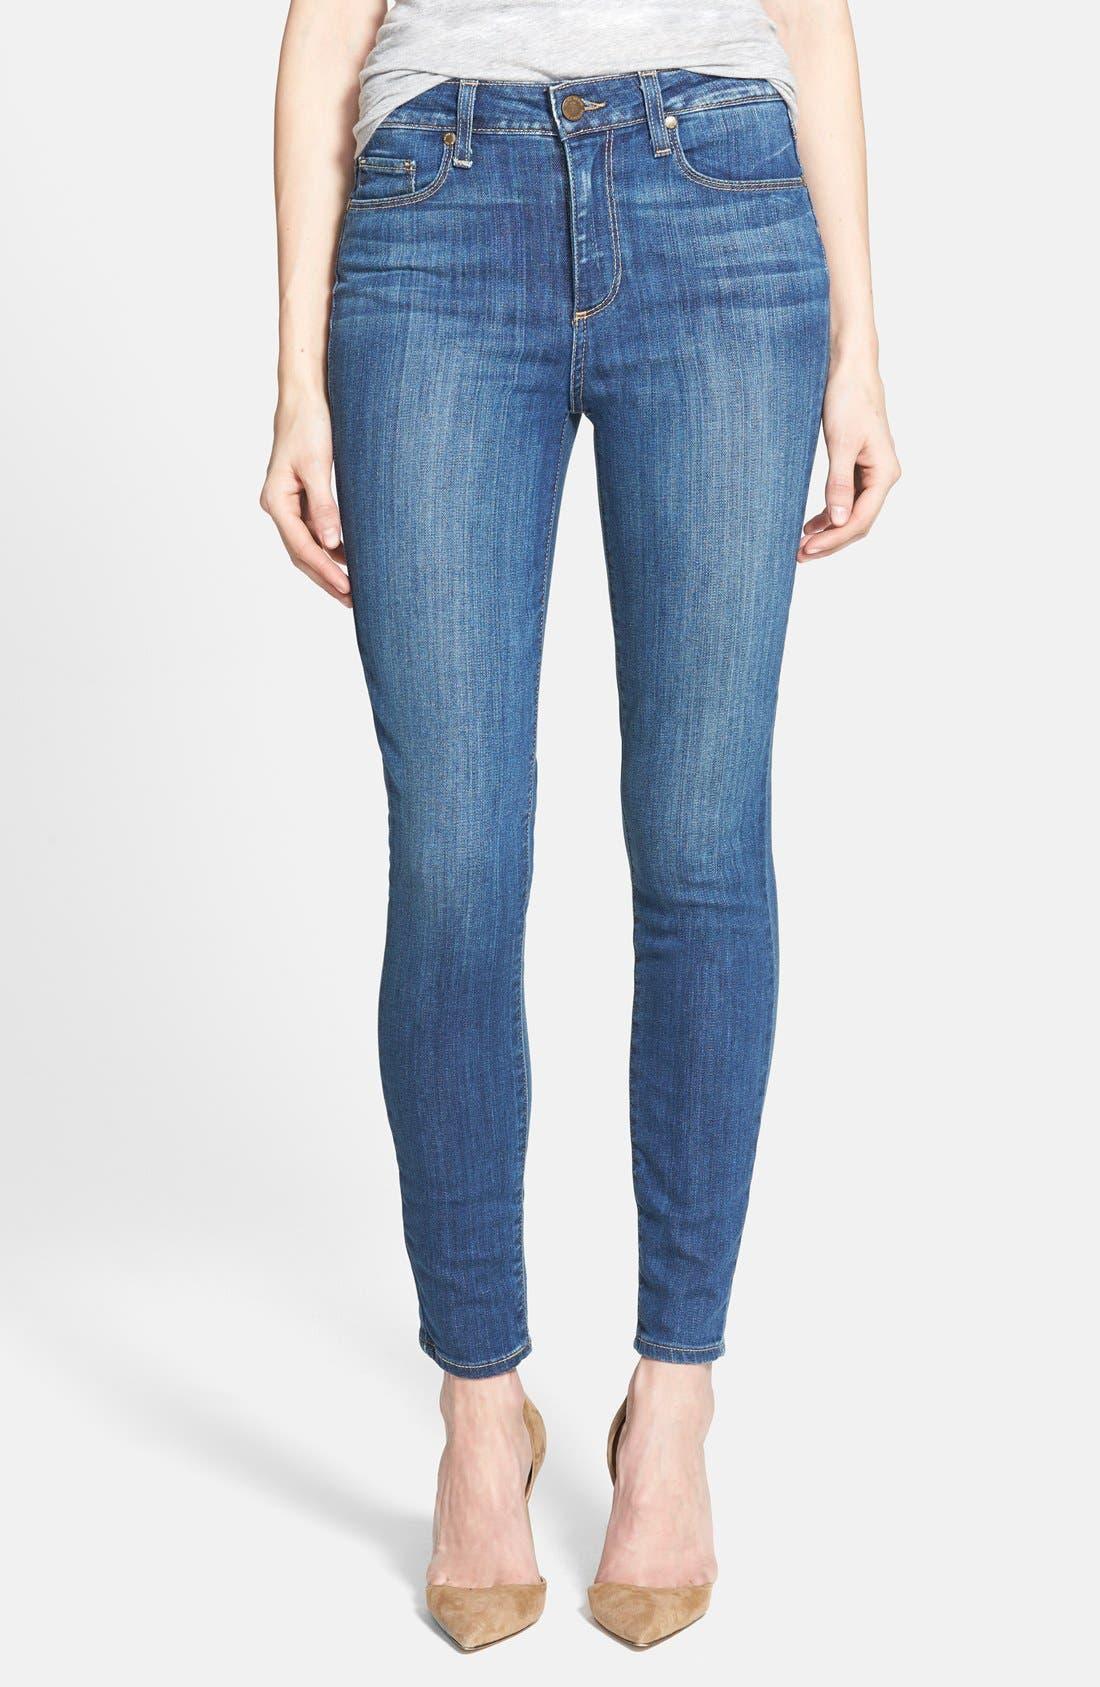 Main Image - Paige Denim 'Hoxton' Ankle Jeans (Orson Blue)